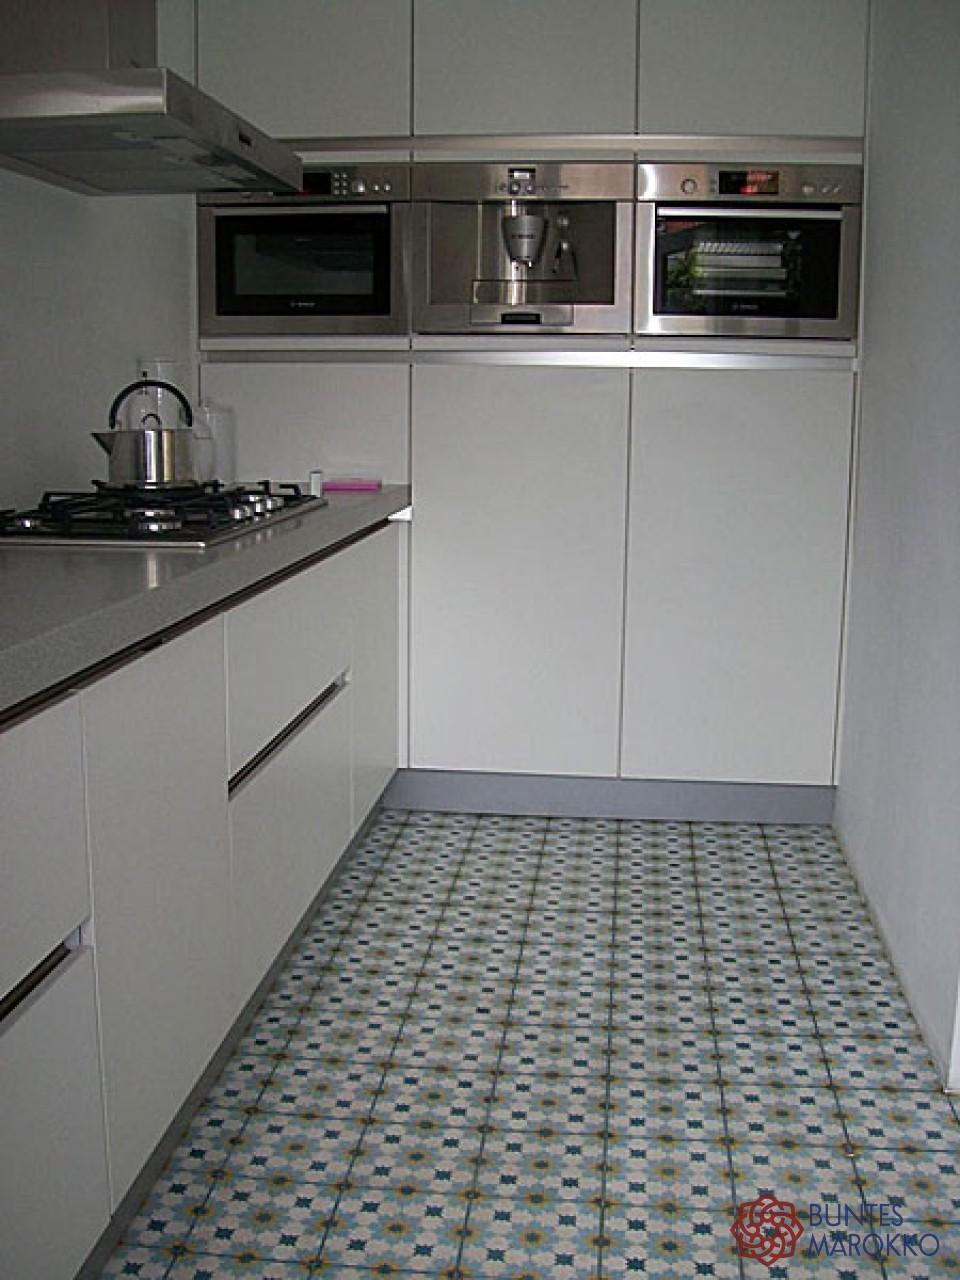 Zementfliesen In Der Küche #bodenfliesen #küchenfliesen #zementfliesen  ©Buntes Marokko